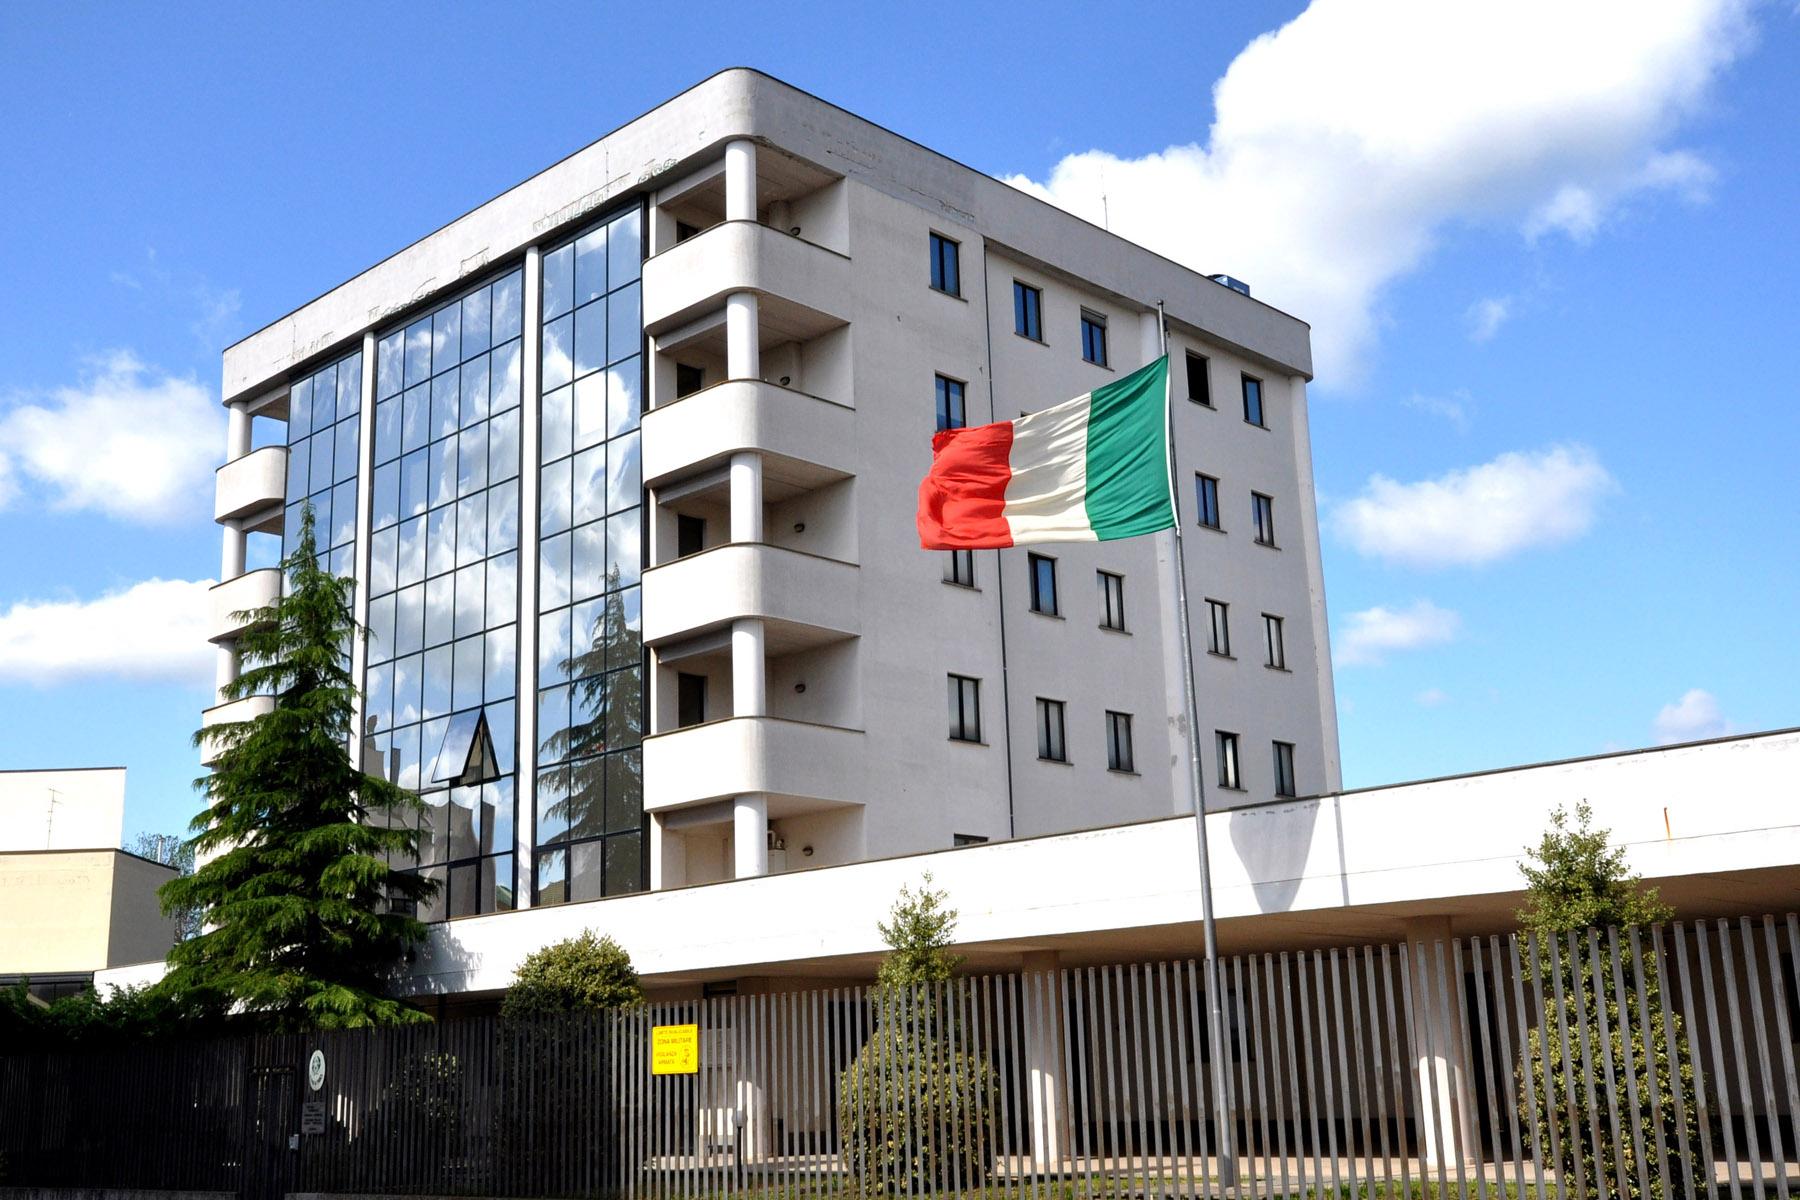 Gdf, sequestrato fittizio credito iva del valore di 5,9 milioni di euro